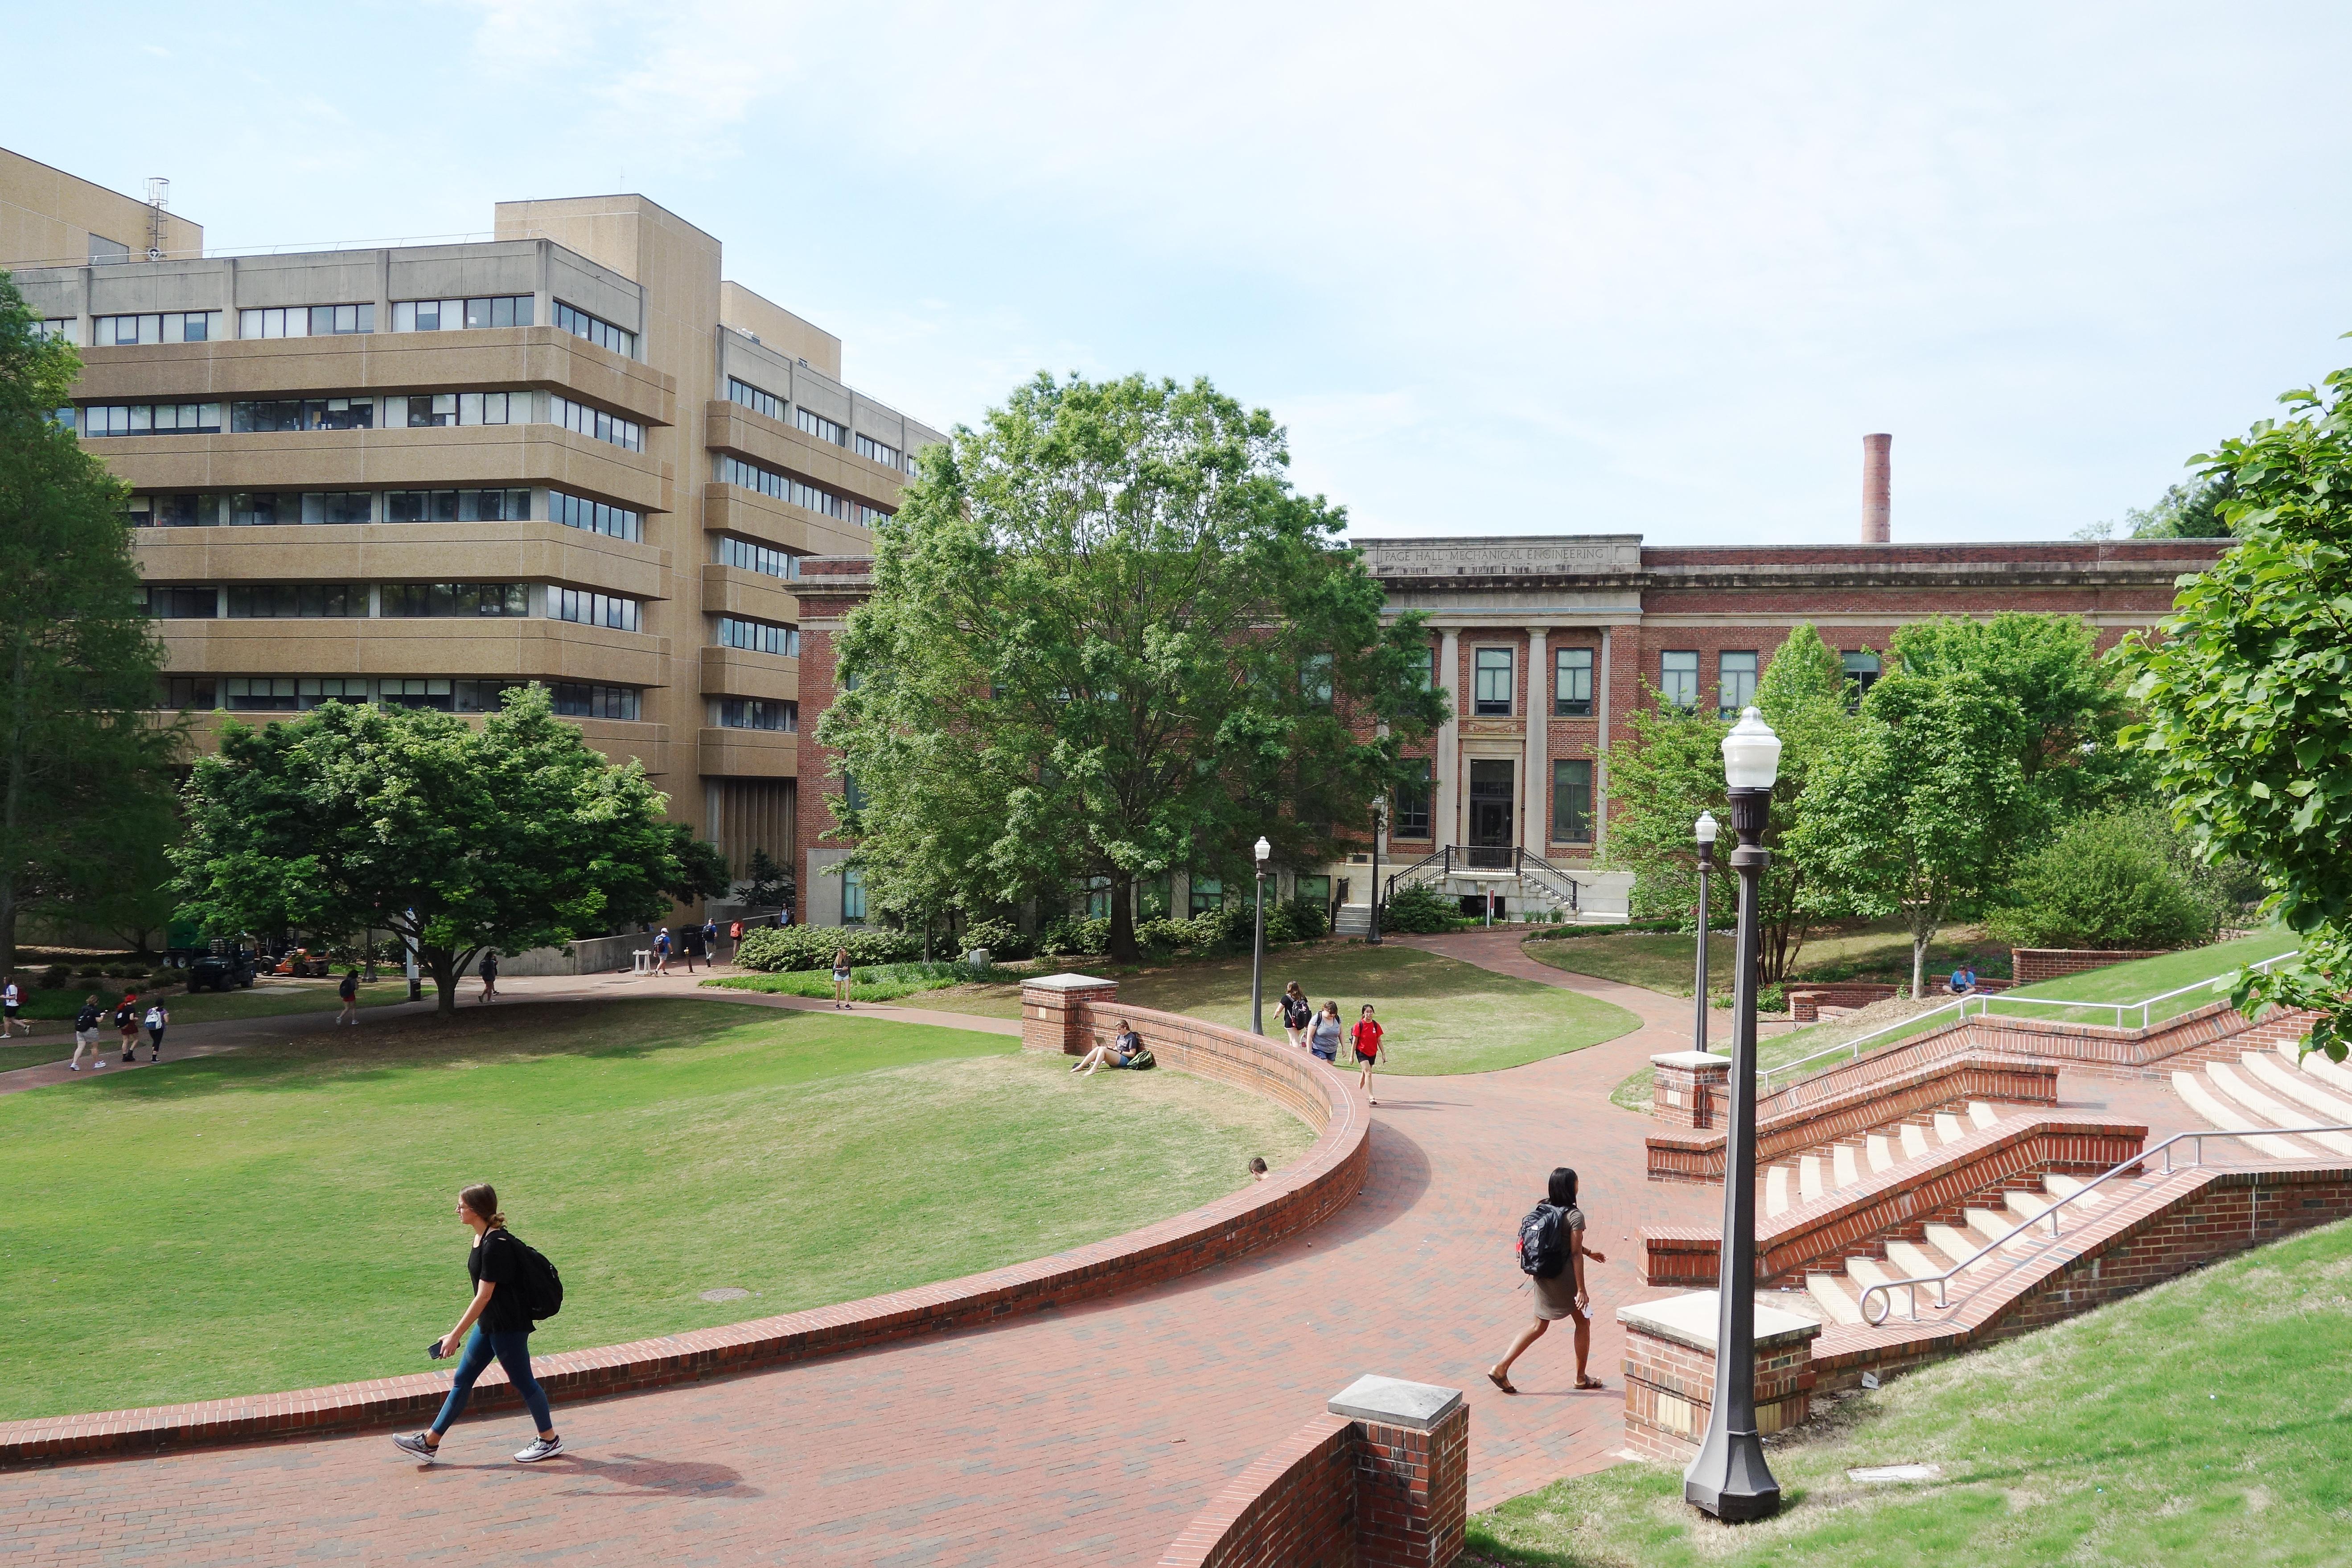 University or College Campus